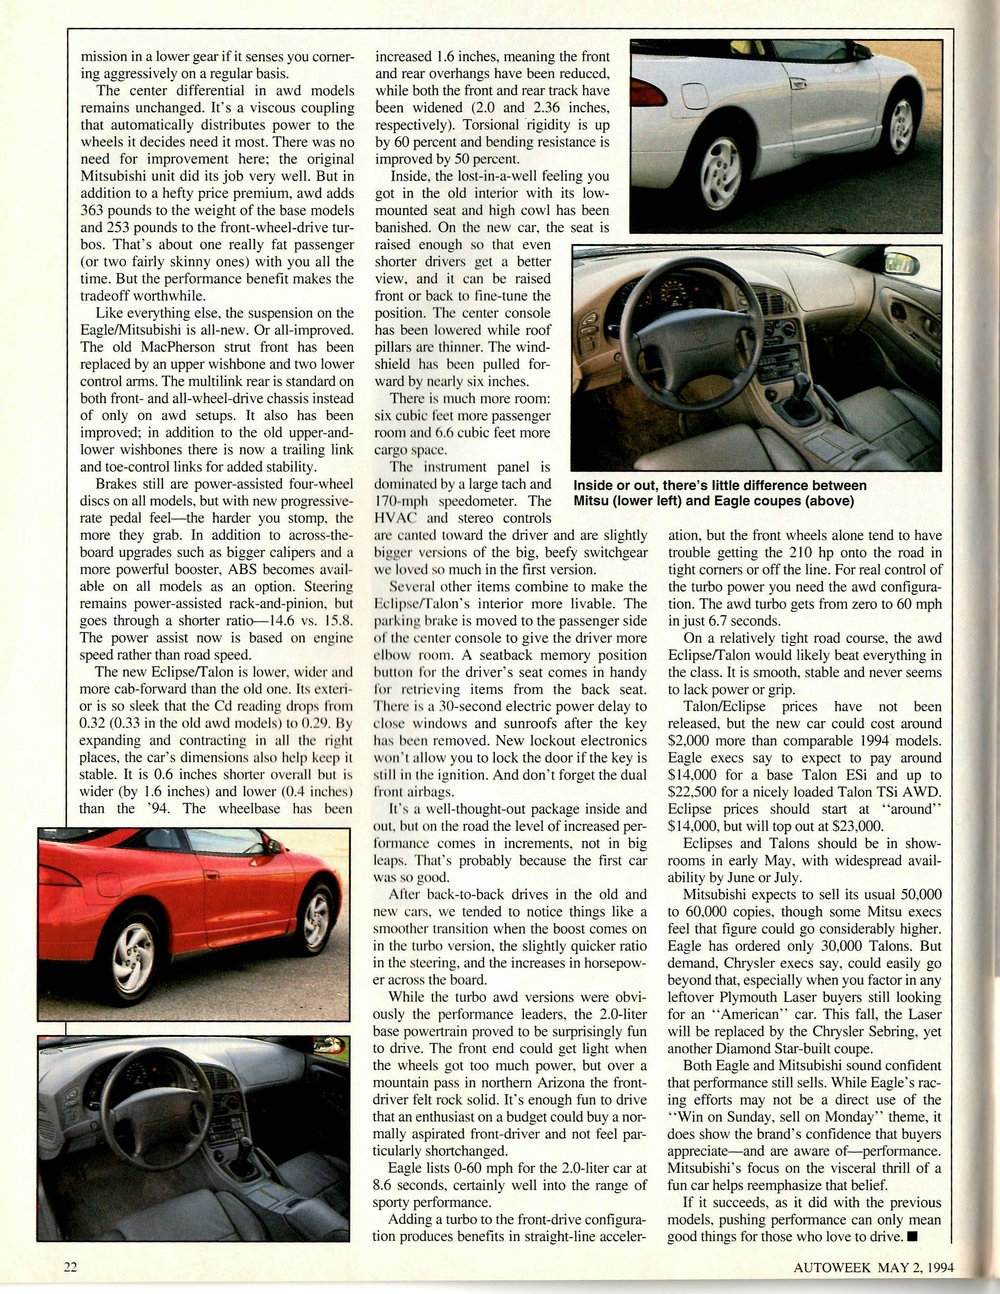 autoweek 1994 page 3.jpg